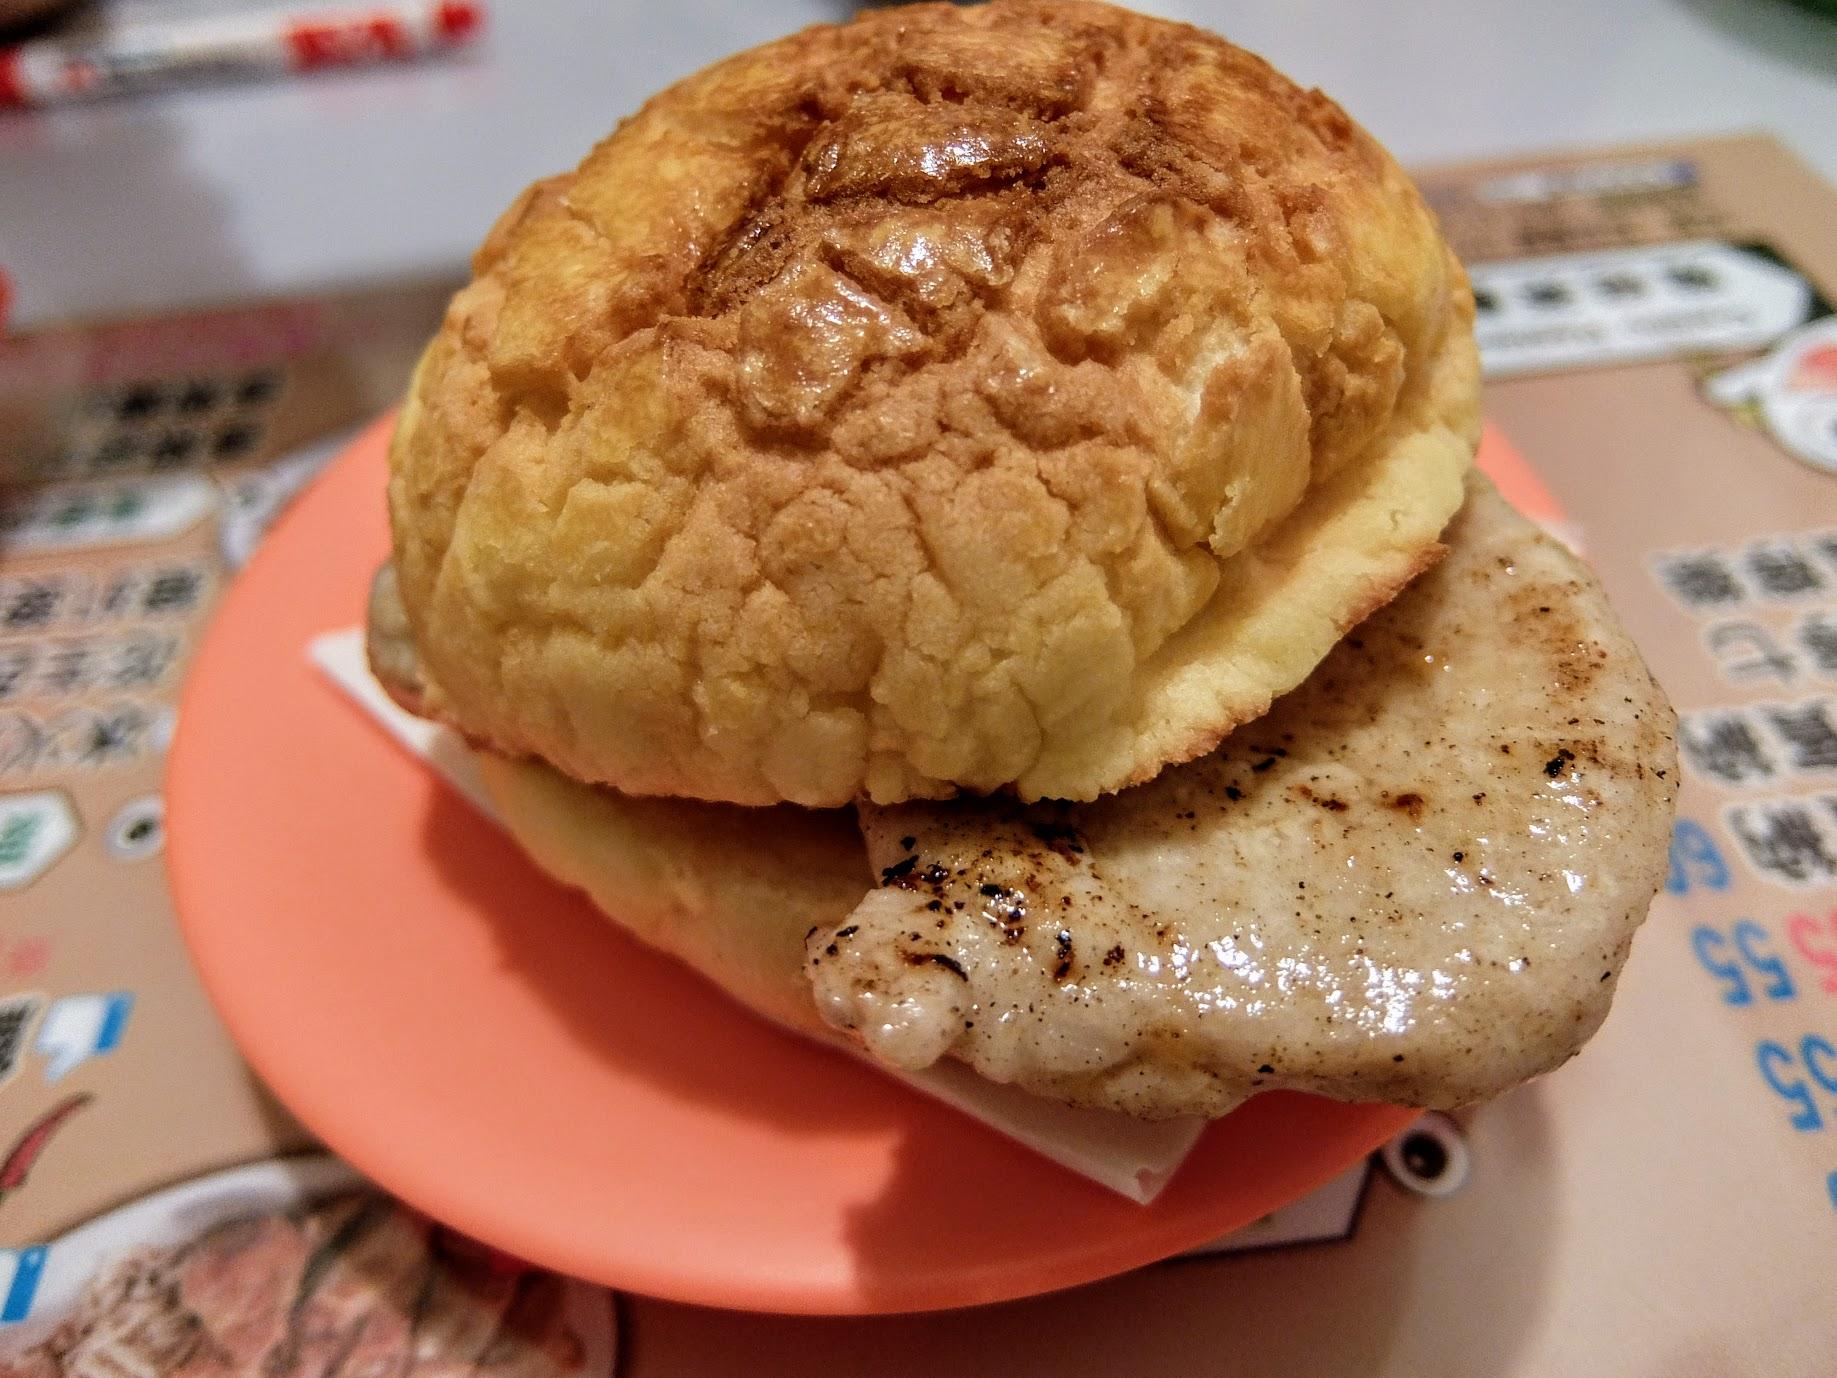 豬扒波蘿包啊! 其實就很簡單做法,菠蘿包夾肉片